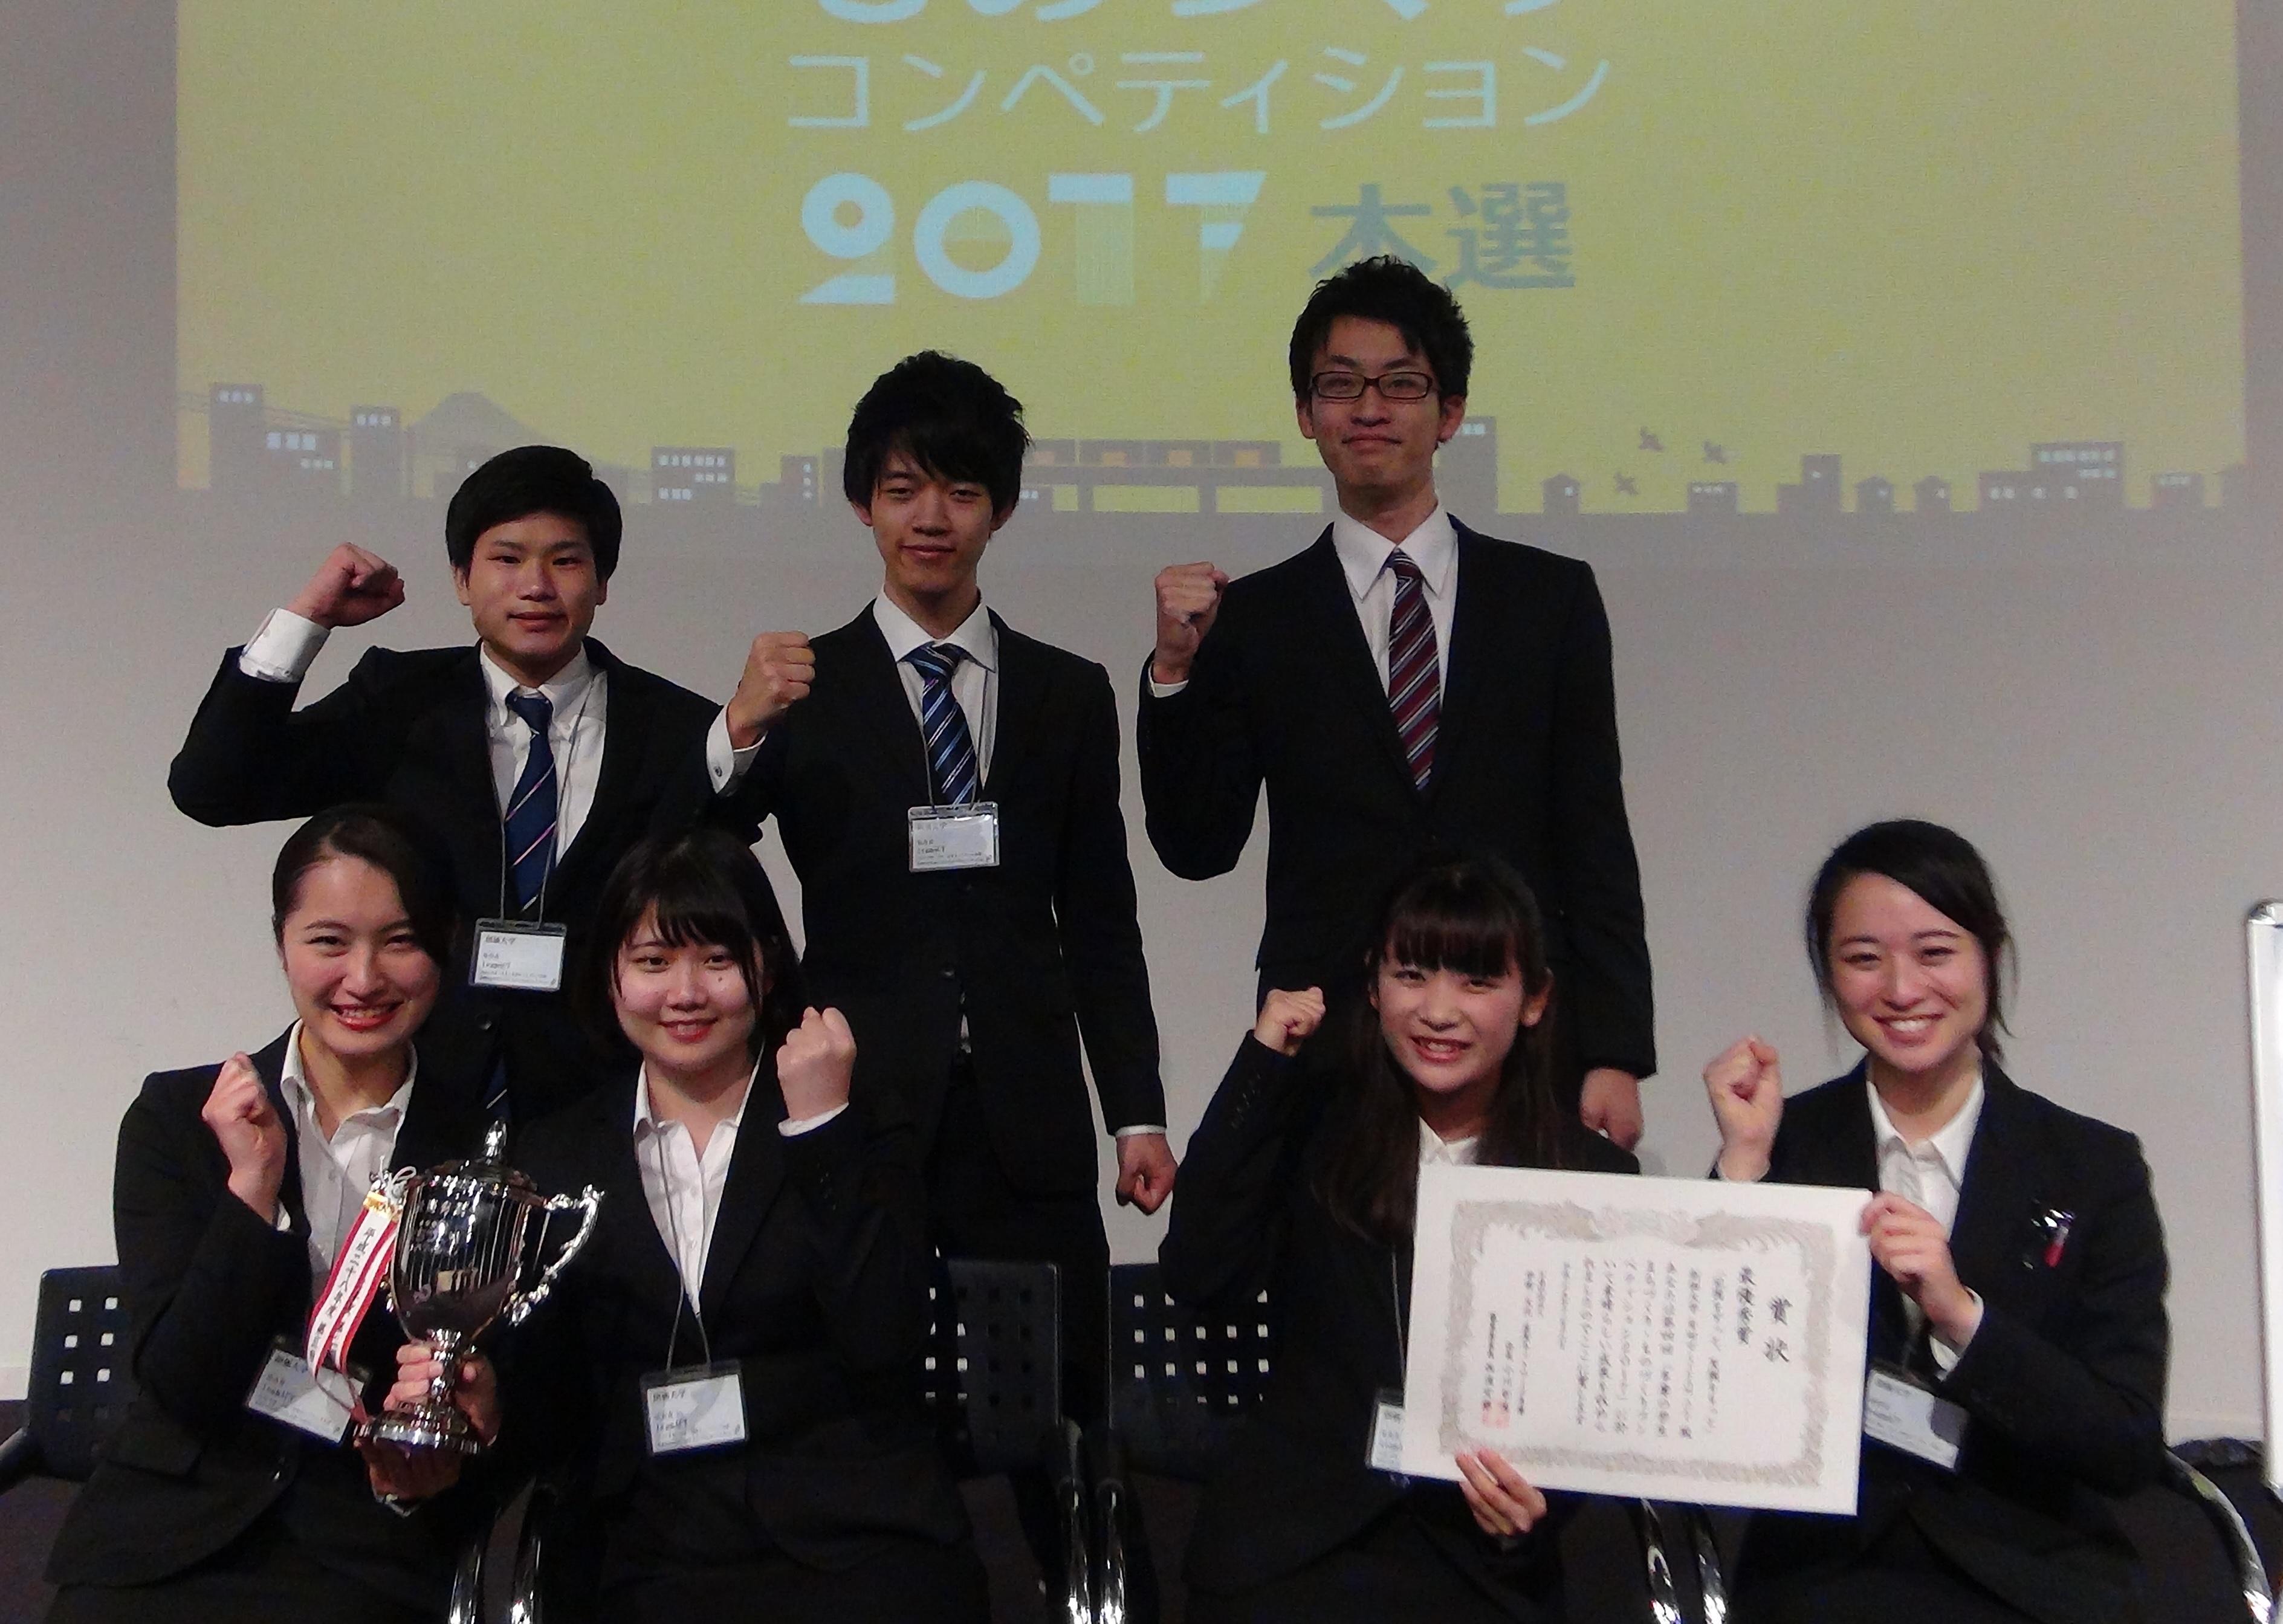 創価大学の安田ゼミが「第4回多摩の学生まちづくり・ものづくりコンペティション2017」で最優秀賞を受賞